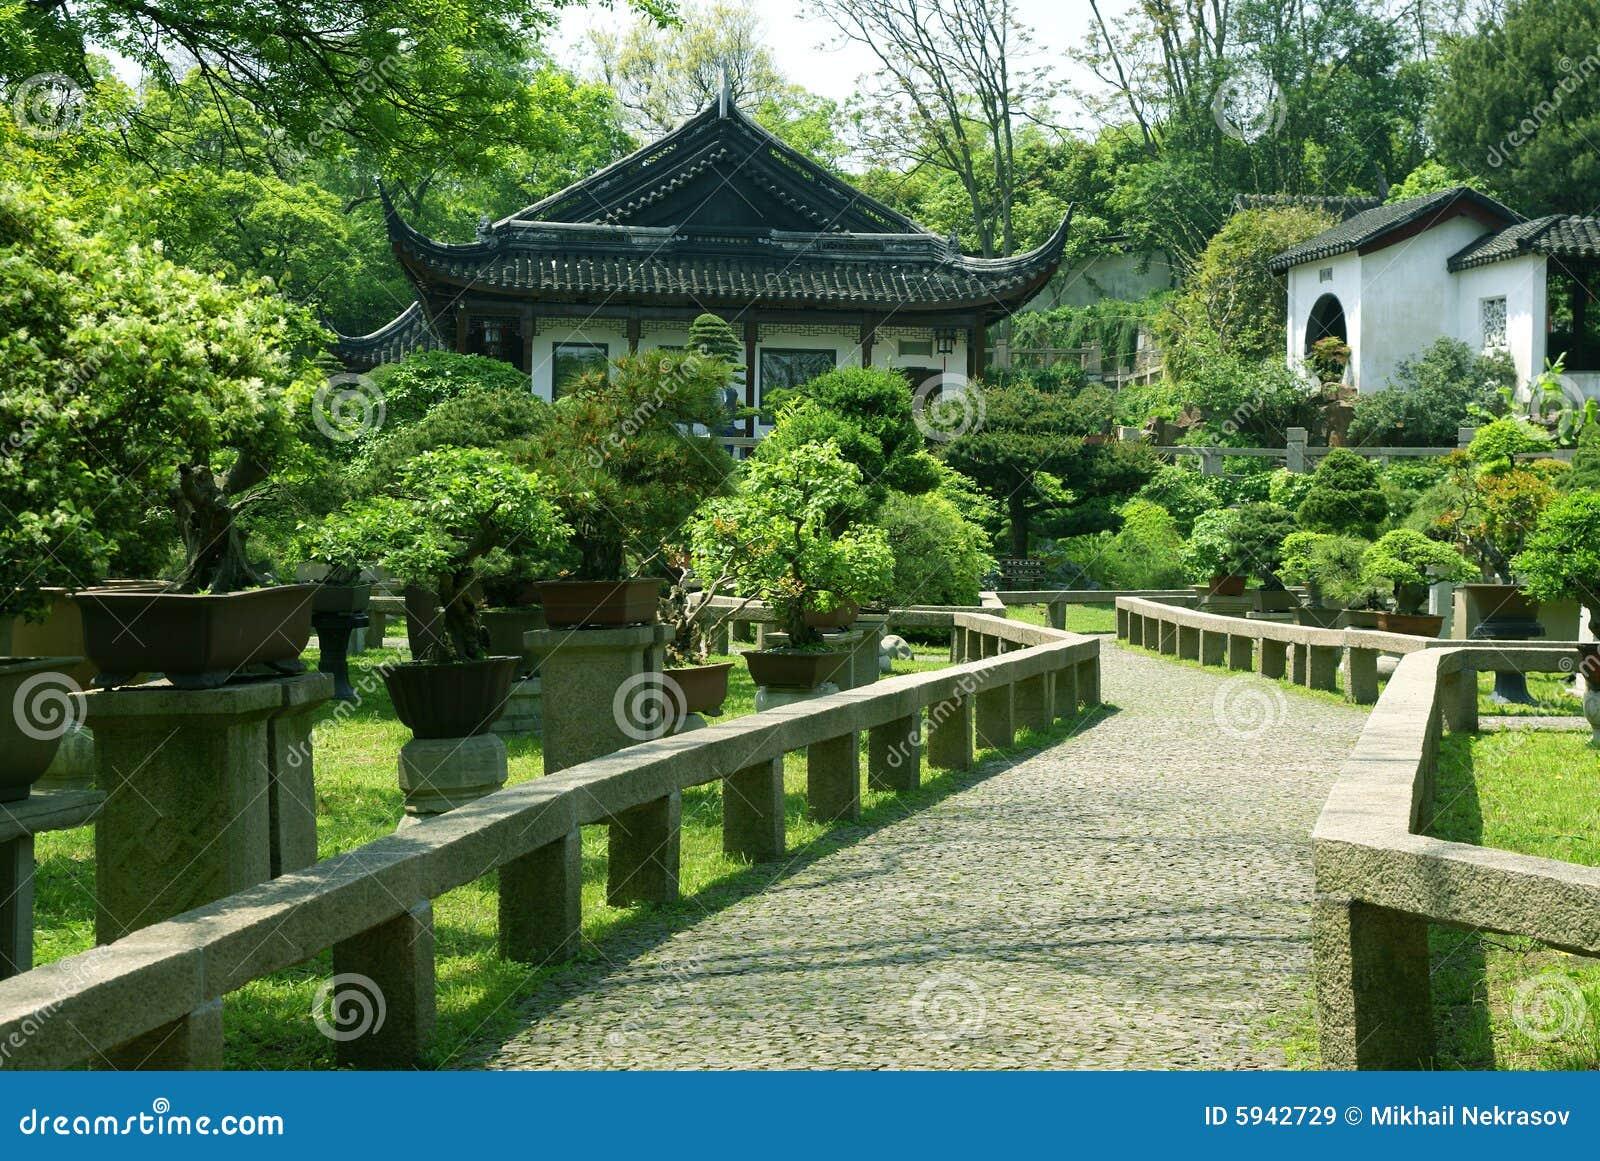 Arbres de bonzaies au jardin traditionnel chinois images - Arbres de jardin ...